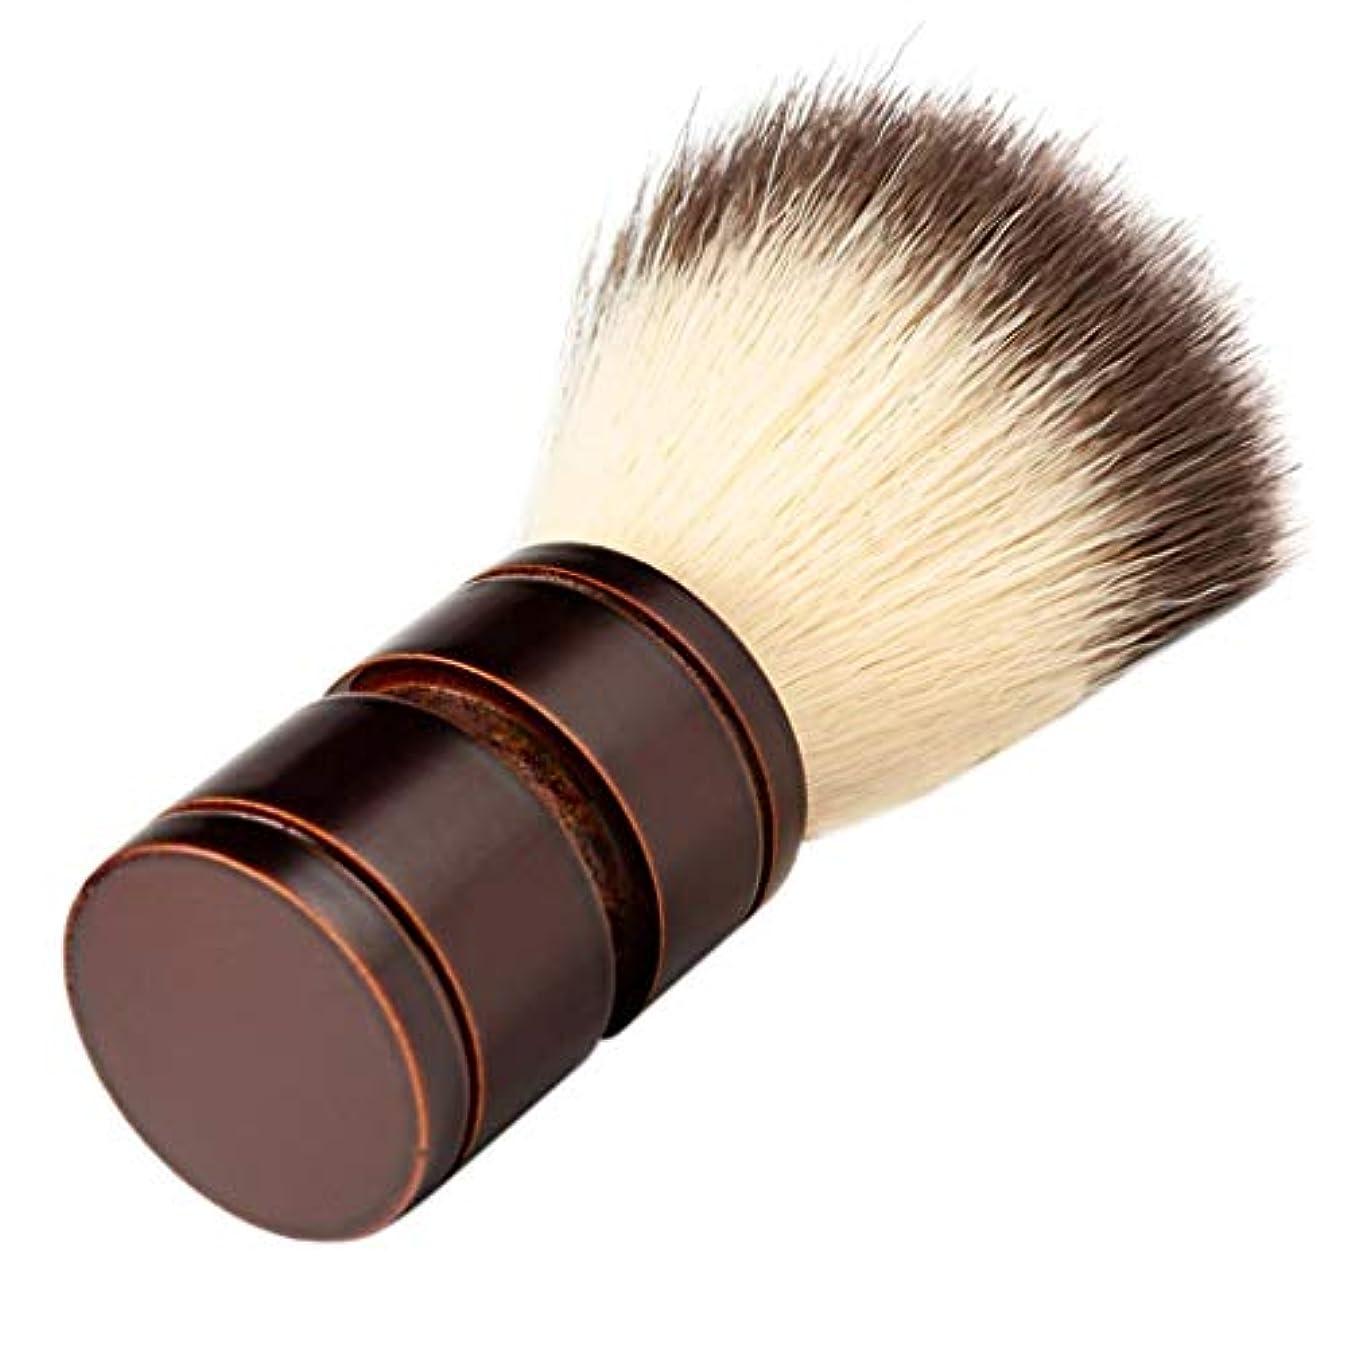 領収書アルネ英語の授業がありますシェービング ブラシ メンズ ナイロン ひげブラシ 洗顔ブラシ 理容 洗顔 髭剃り 泡立ち